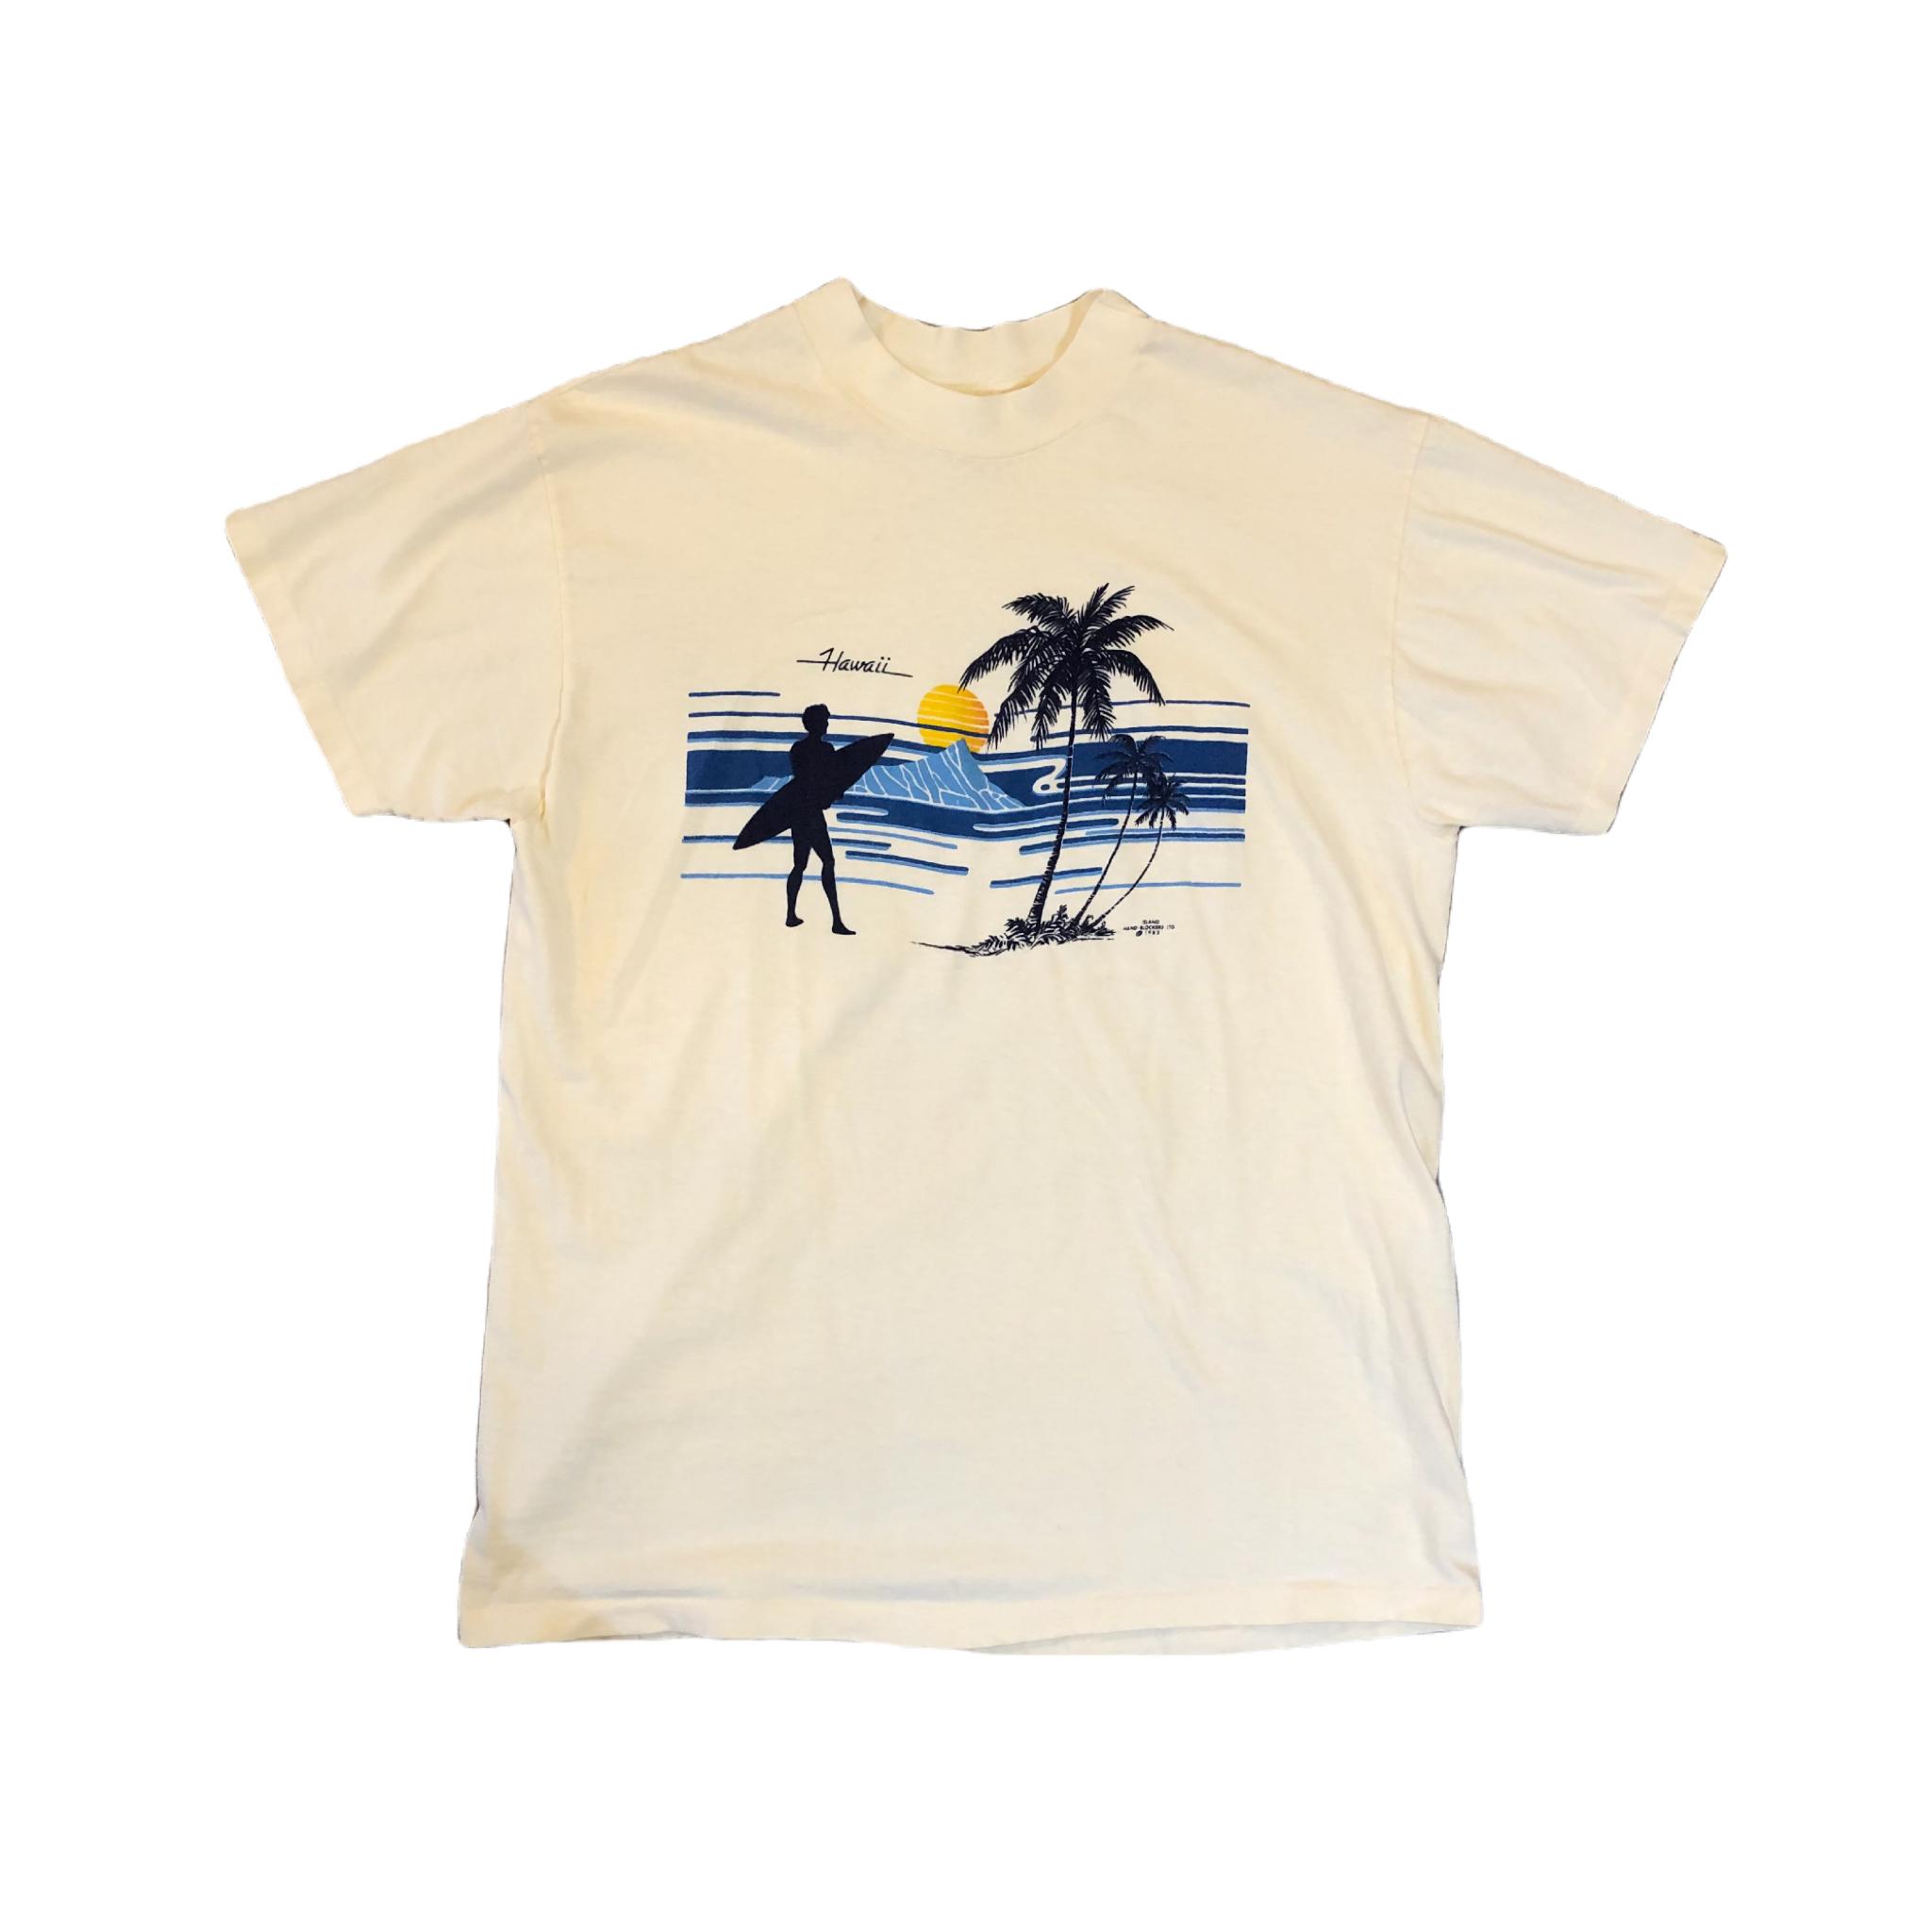 Hawaii 80's Print Tee ¥6,300+tax